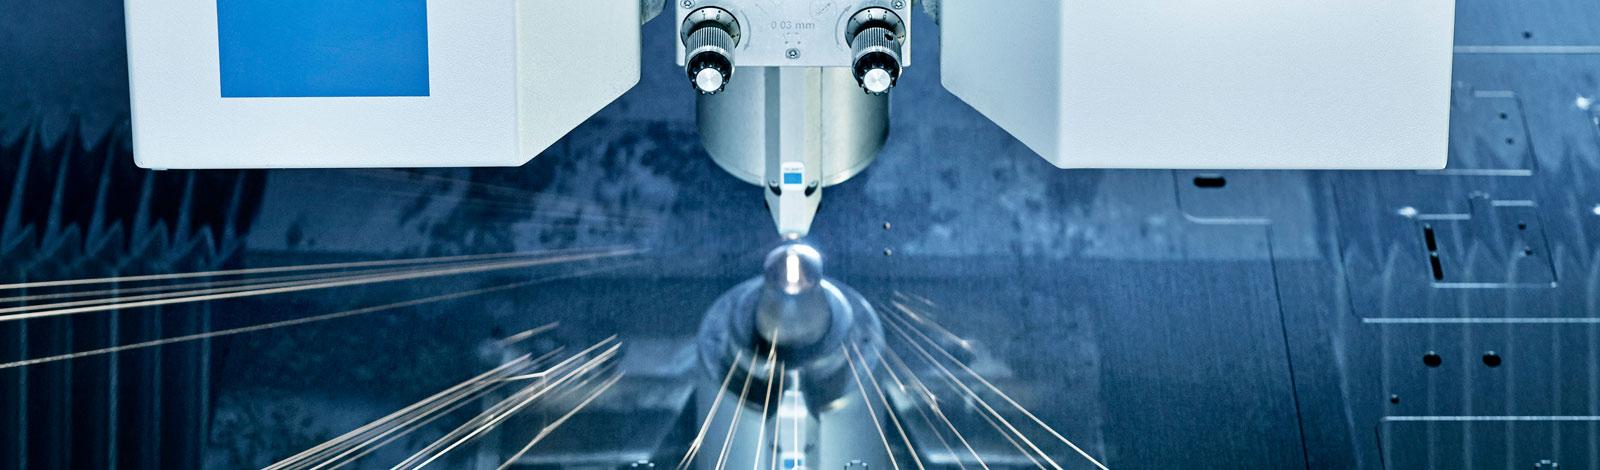 dwenger-laser-time